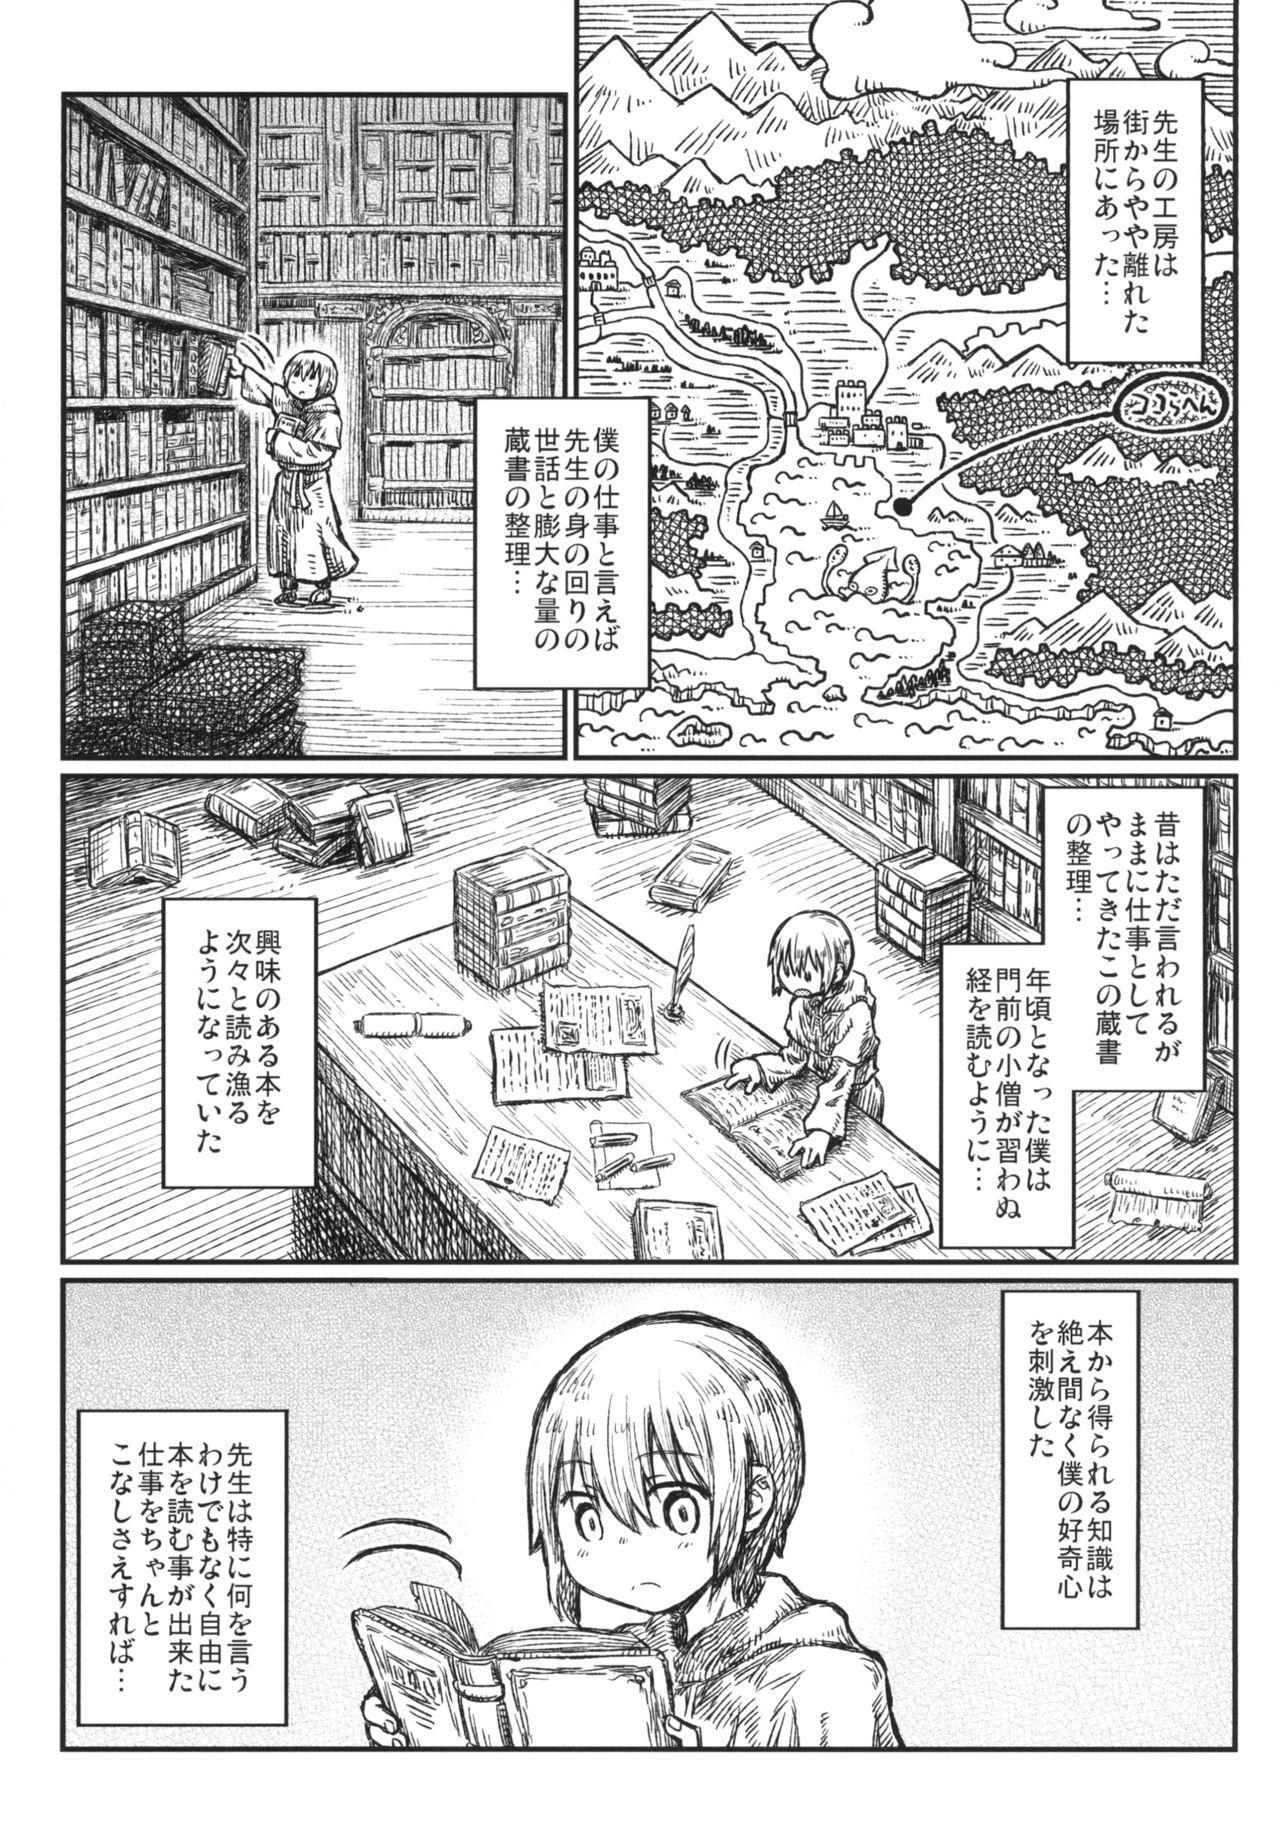 Adabana no koi 4